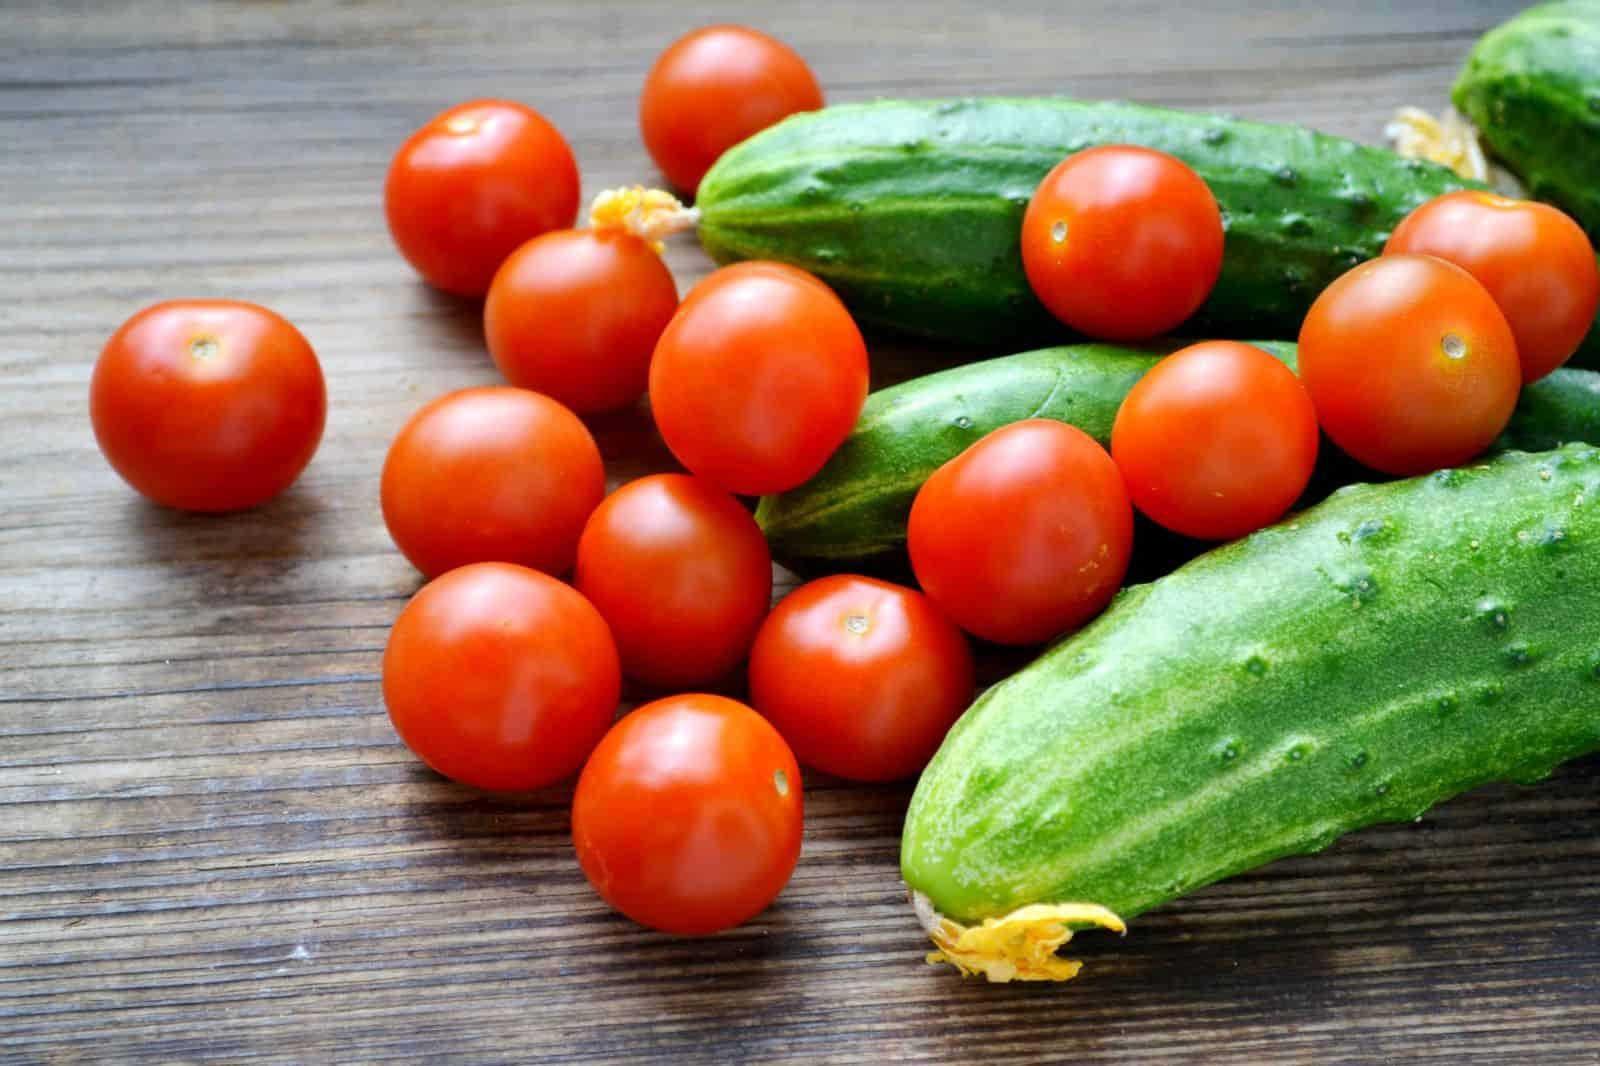 Удобрения для помидор и огурцов